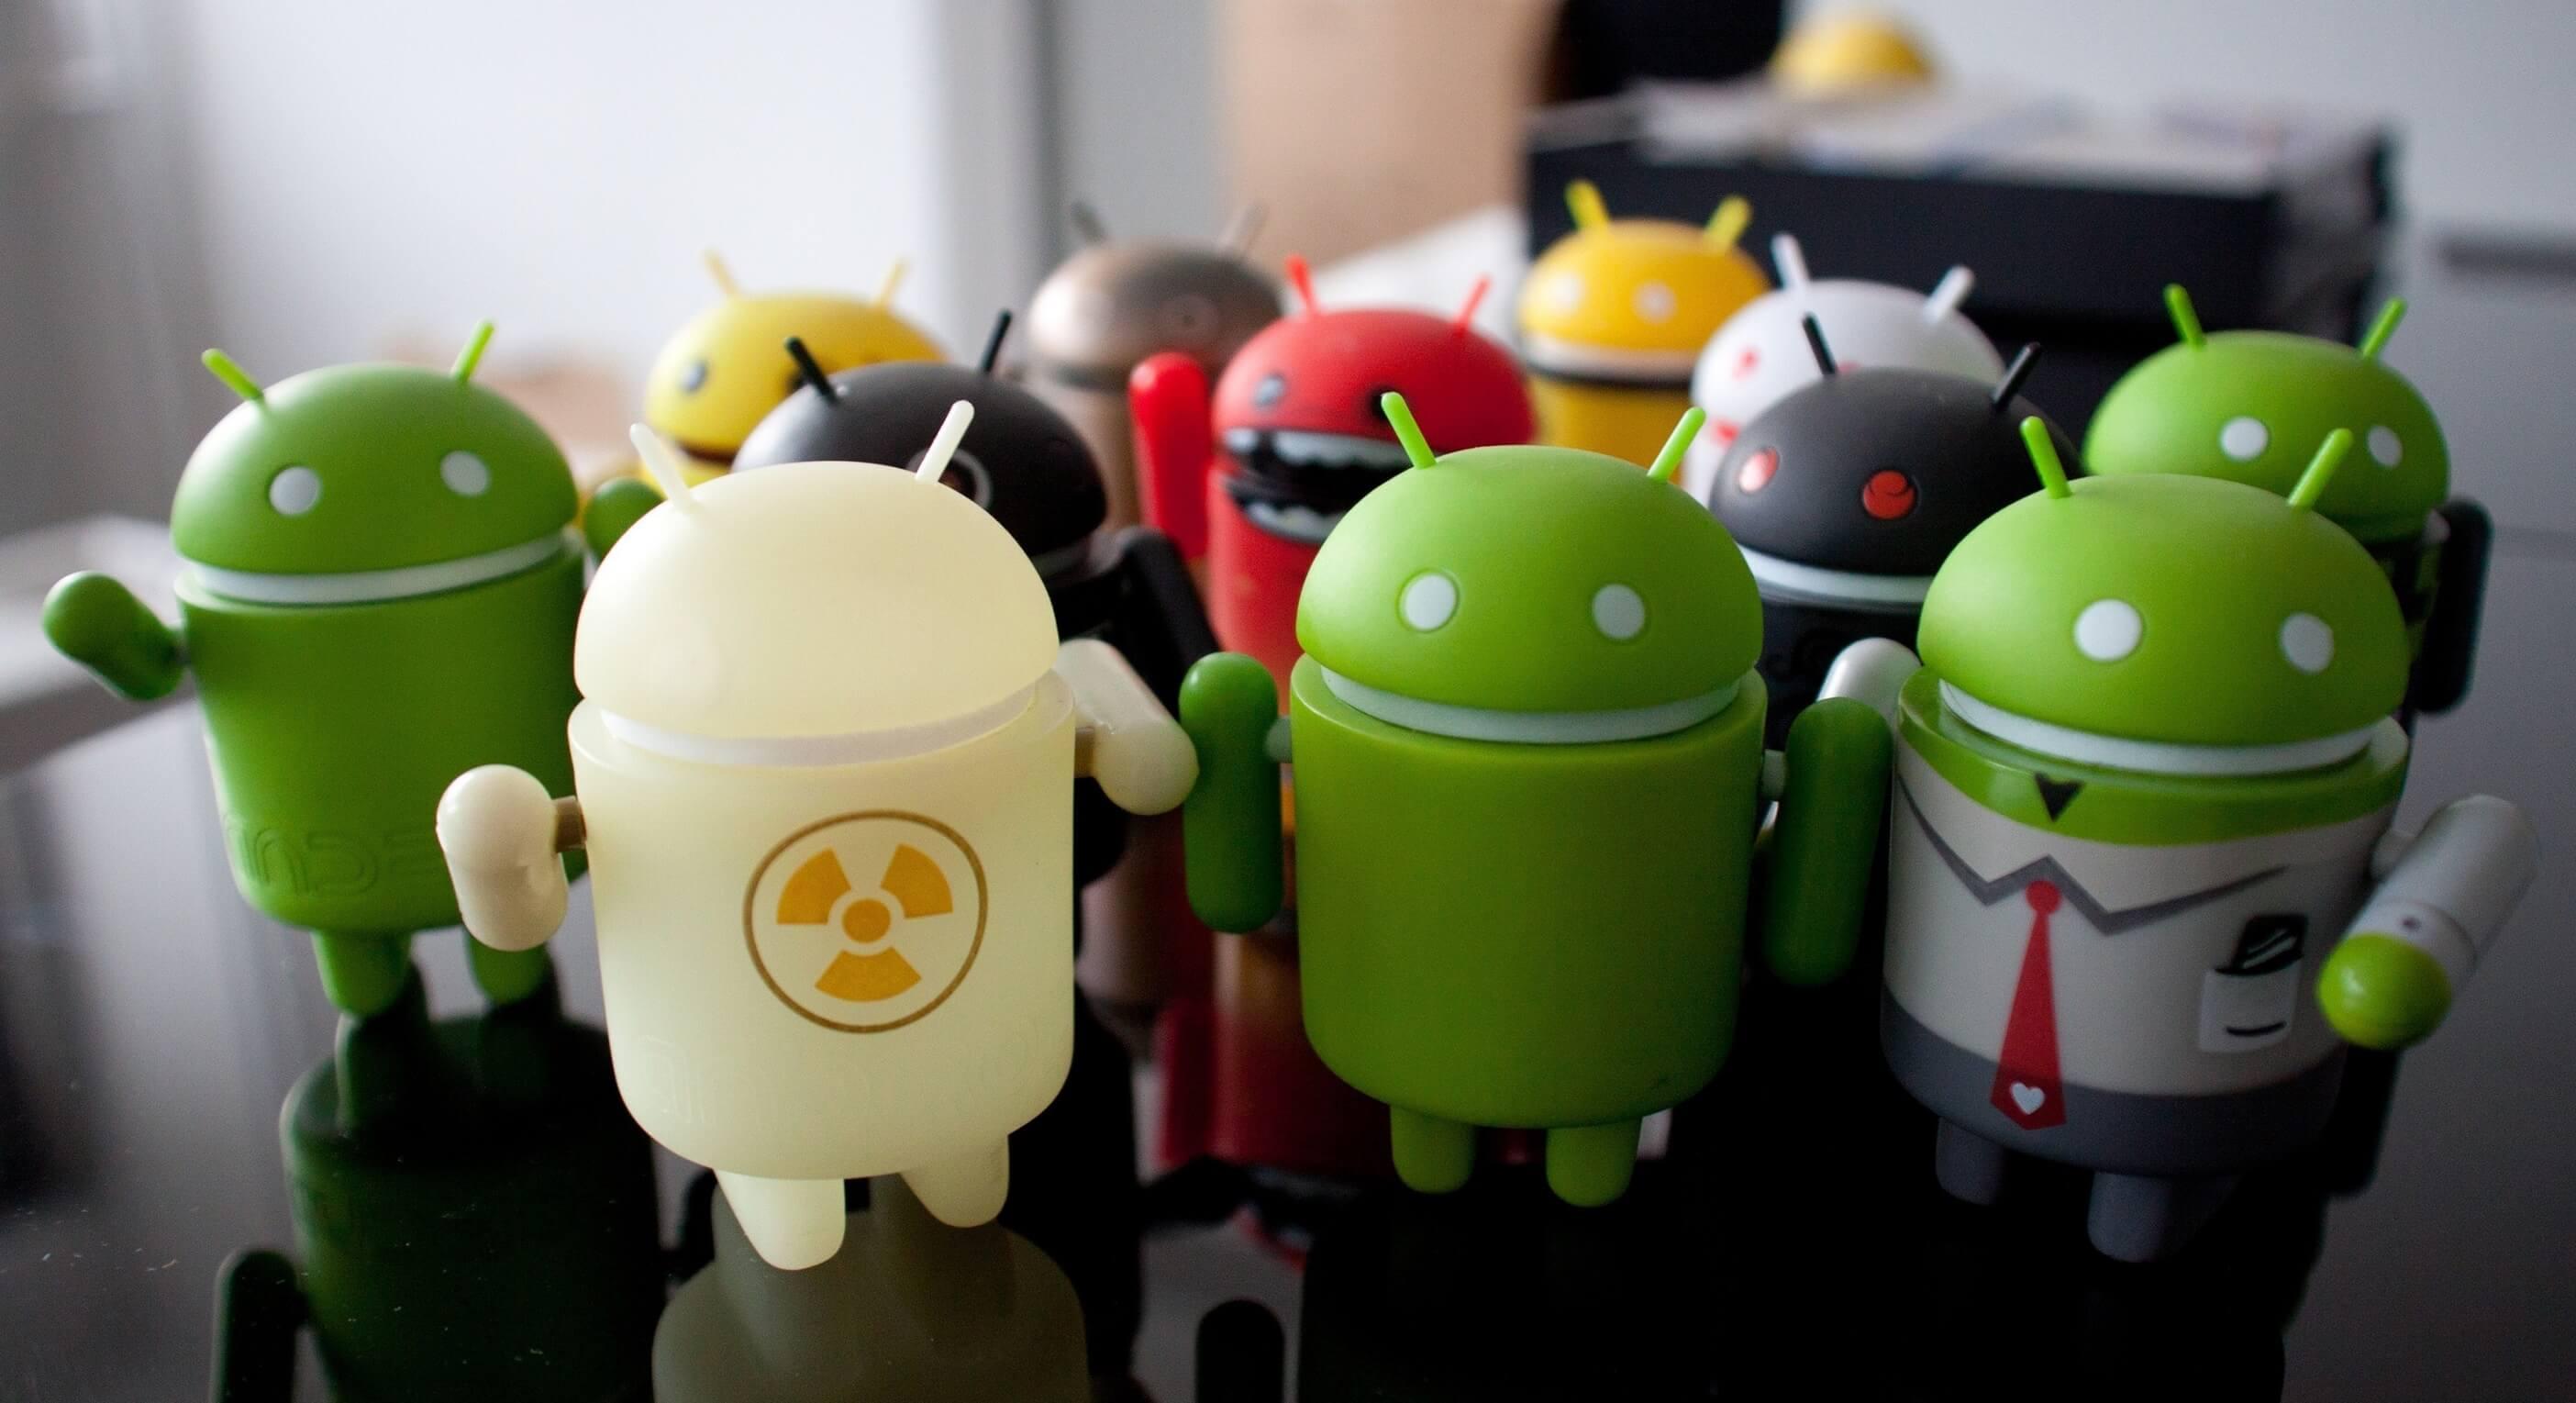 Как сделать перезагрузку и сброс на устройствах Android